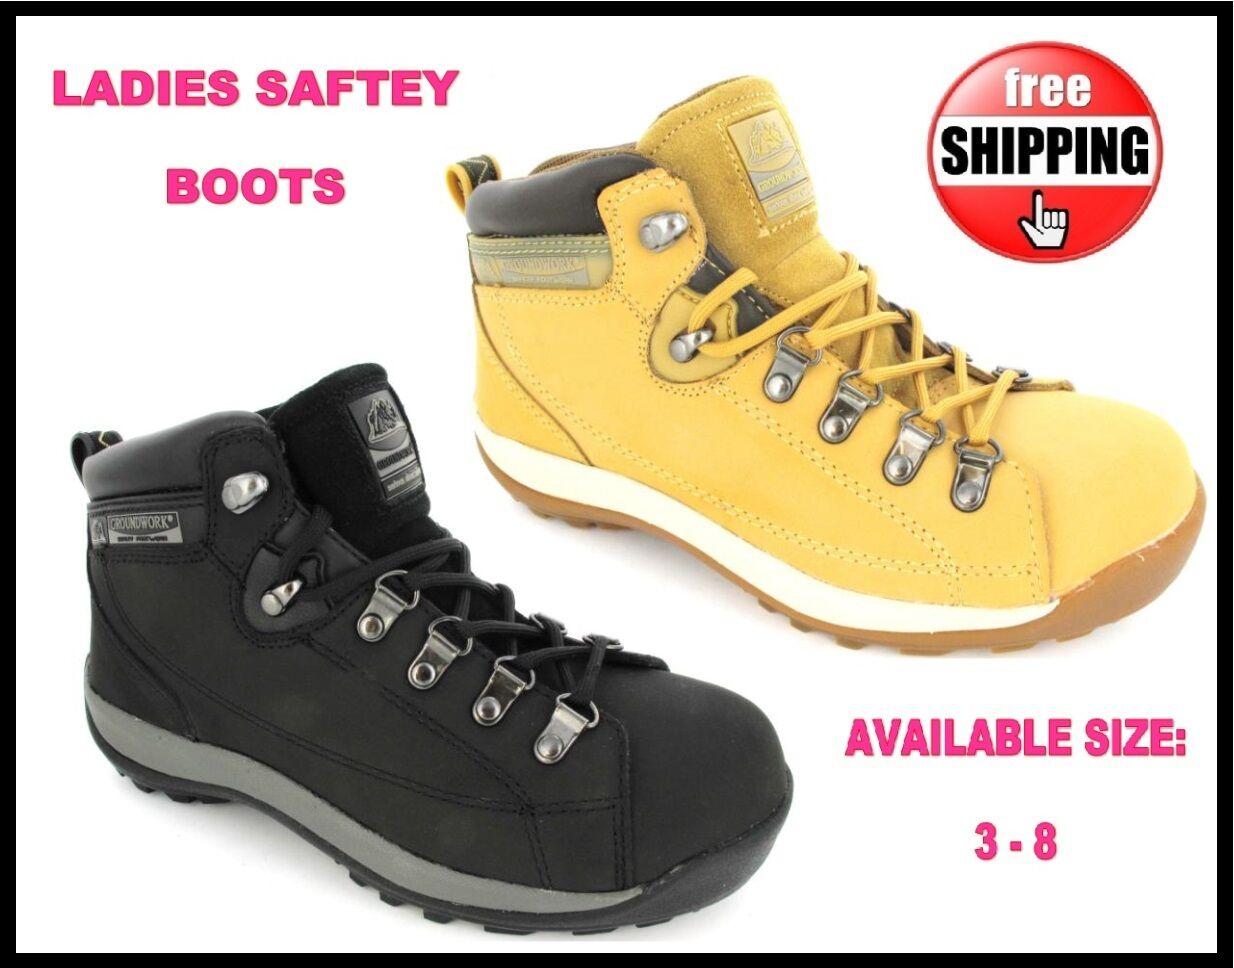 Mujer Seguridad Ligero Botas Negro Miel Puntera de 3-8 acero Zapatillas Talla 3-8 de 7ac1c0